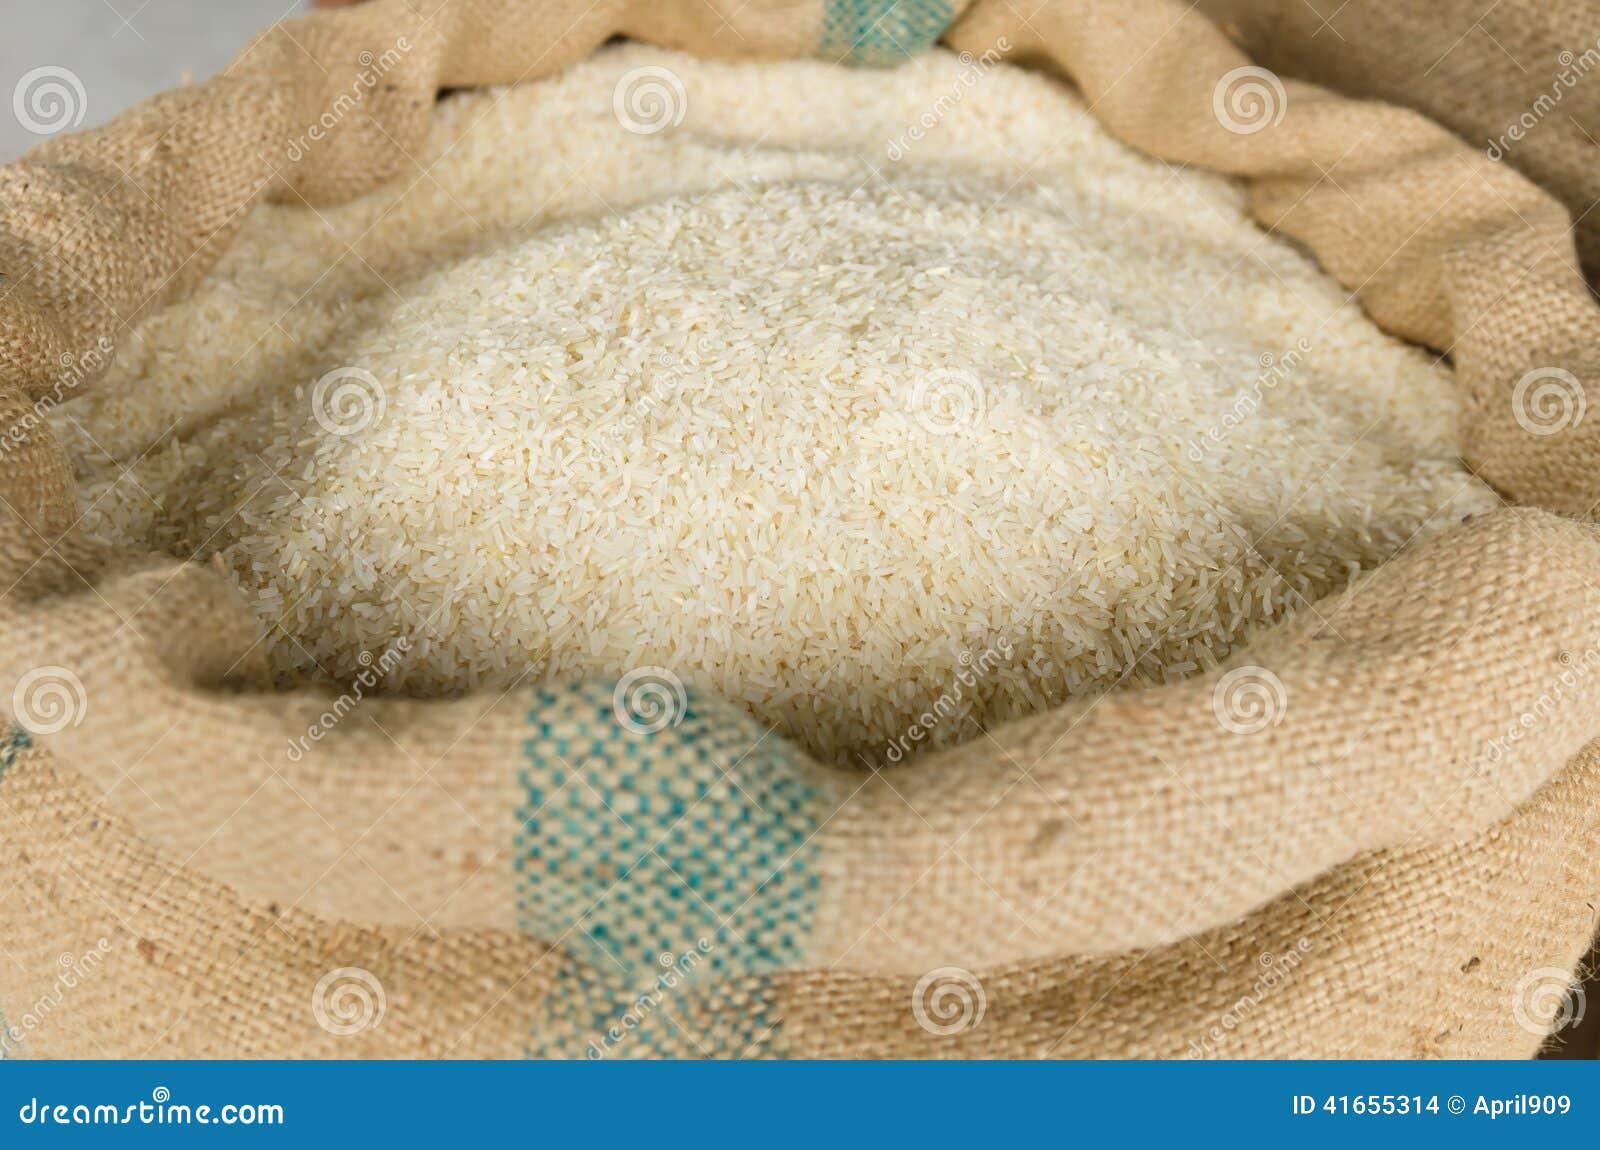 Рис в вкладыше